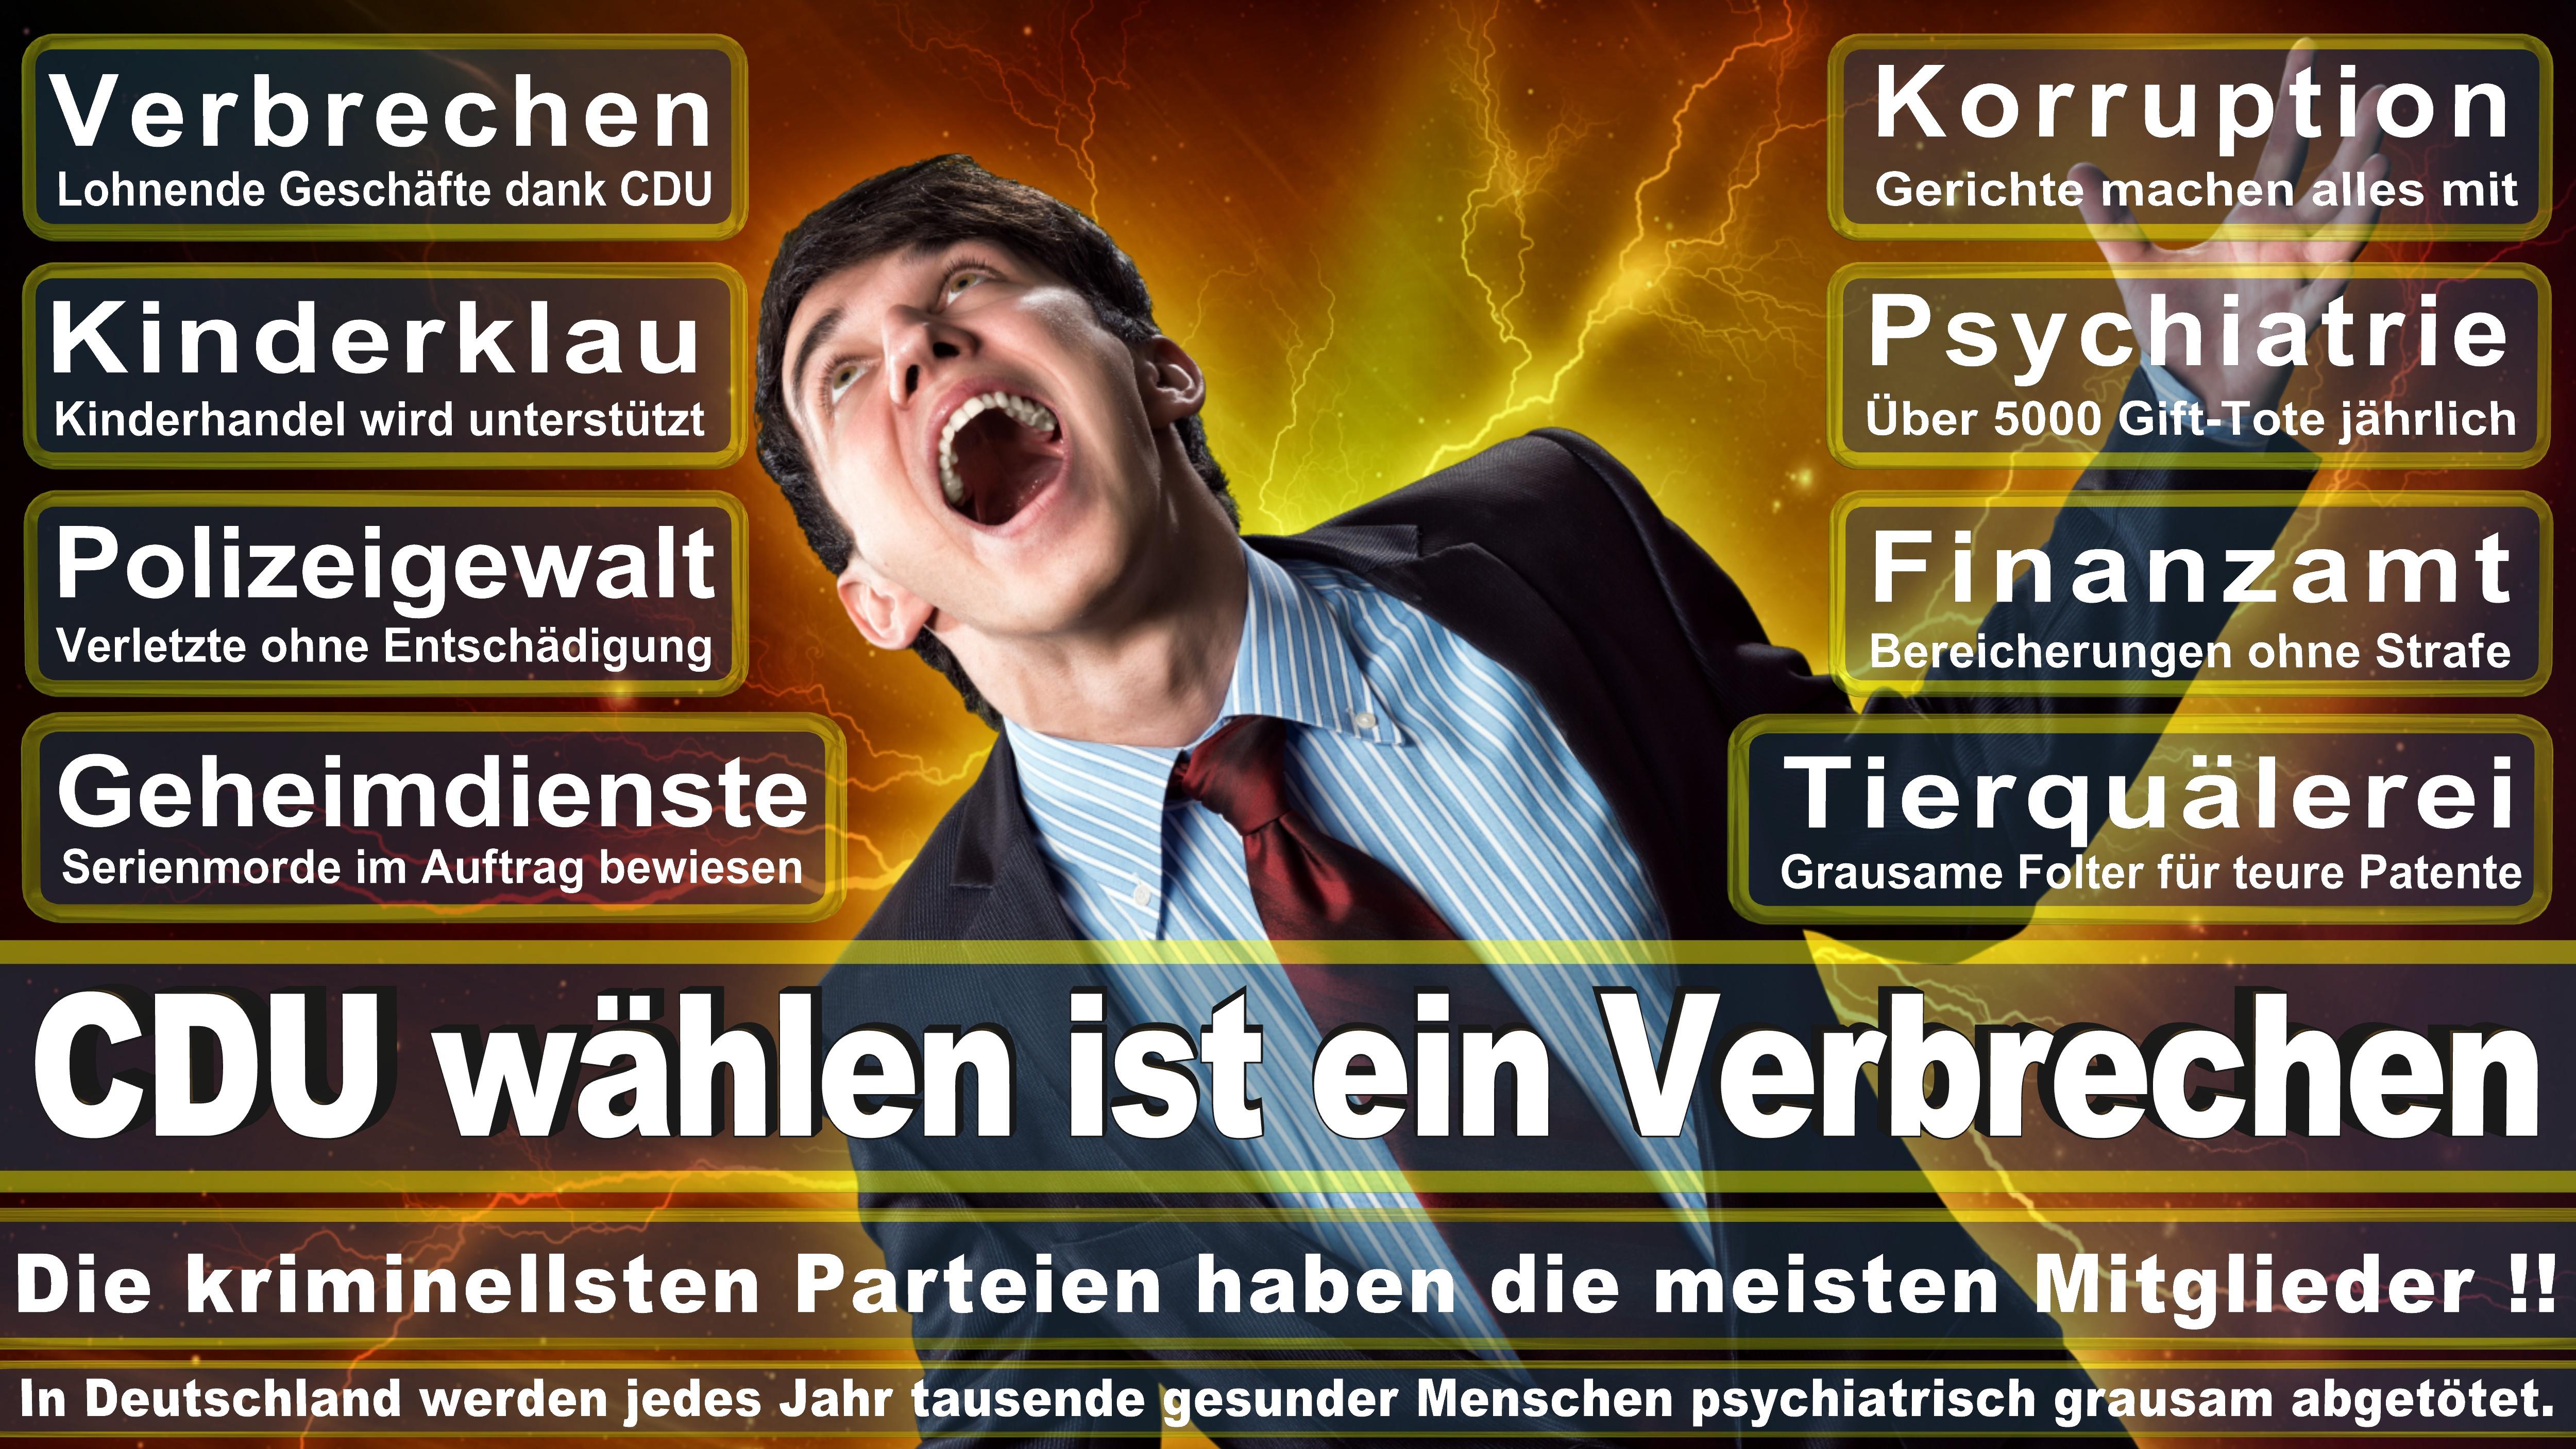 Dorothee Bär CDU CSU Politiker